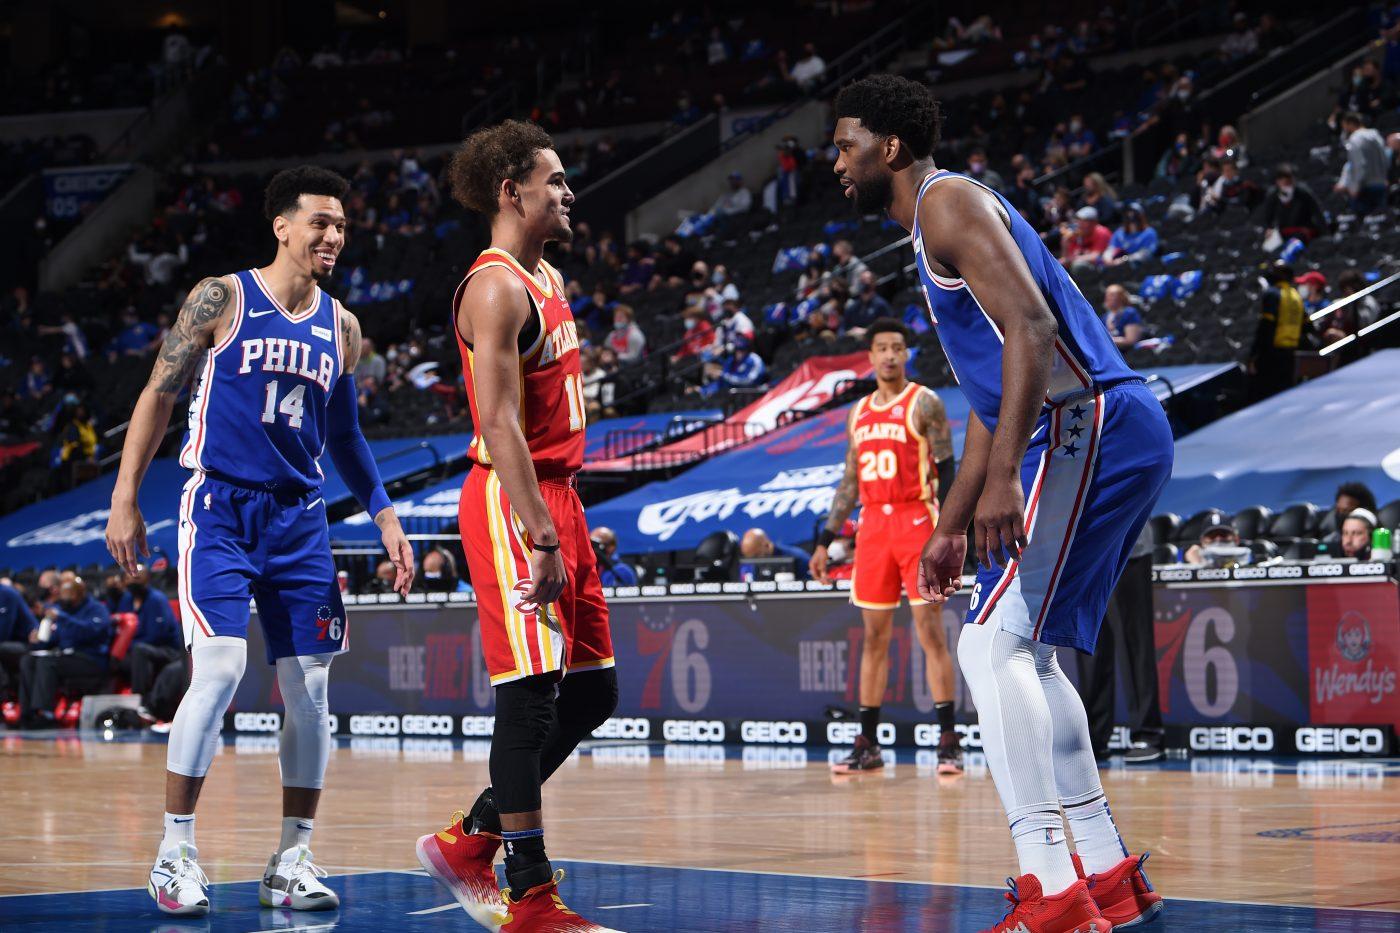 Zapowiedź Playoffs 2021: Czy Young i spółka zaskoczą osłabionych Sixers?